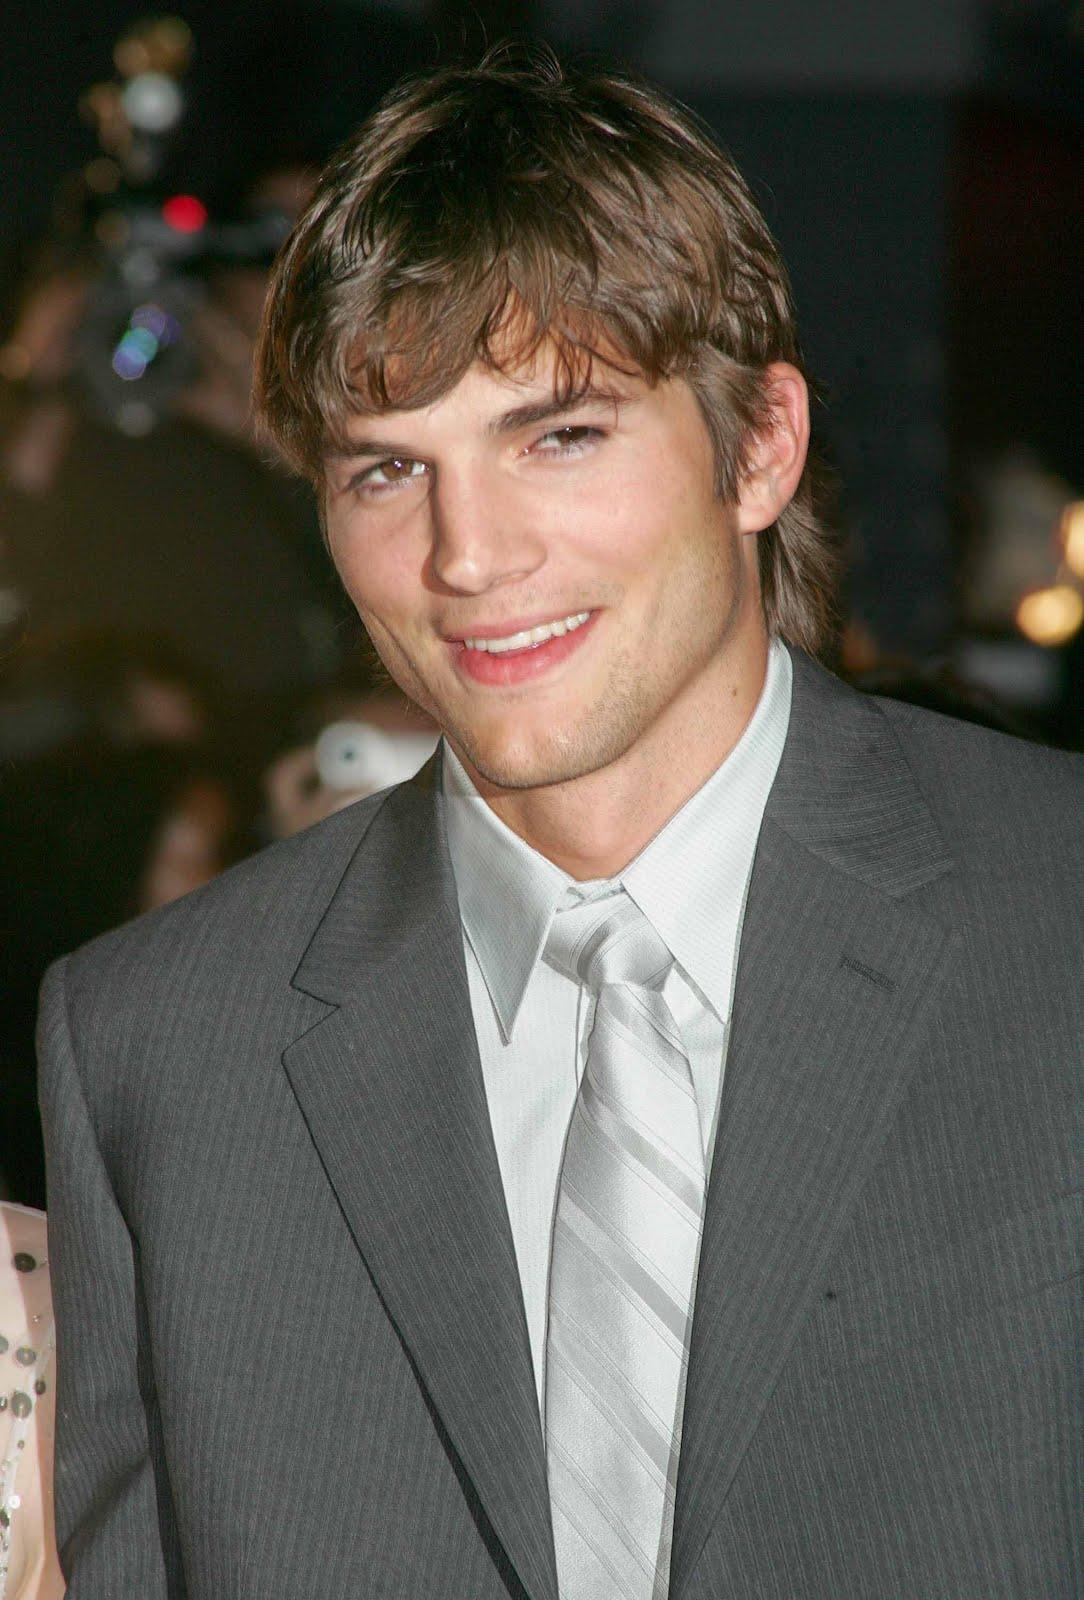 http://1.bp.blogspot.com/-RPDQuk4QCp8/TyfZpzCk1jI/AAAAAAAABA0/NZ0VqvXCvsk/s1600/Ashton-Kutcher-actor.jpg